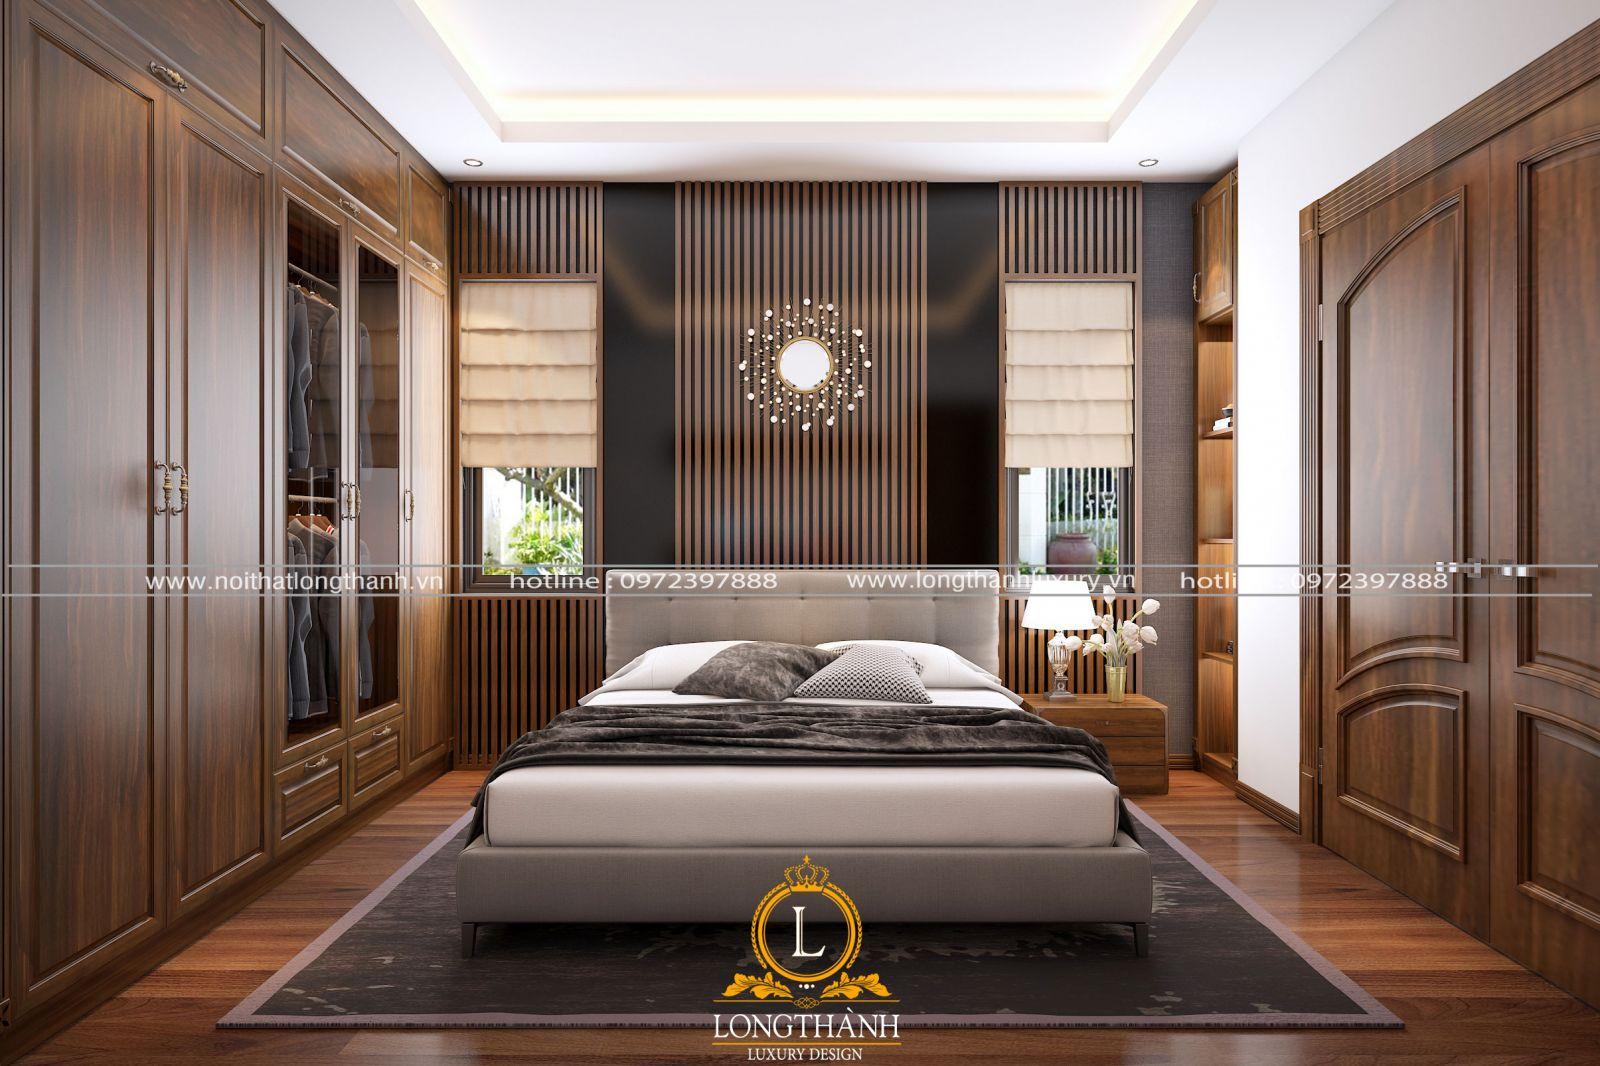 Phong cách hiện đại được chủ nhân lựa chọn sử dụng trong phòng ngủ